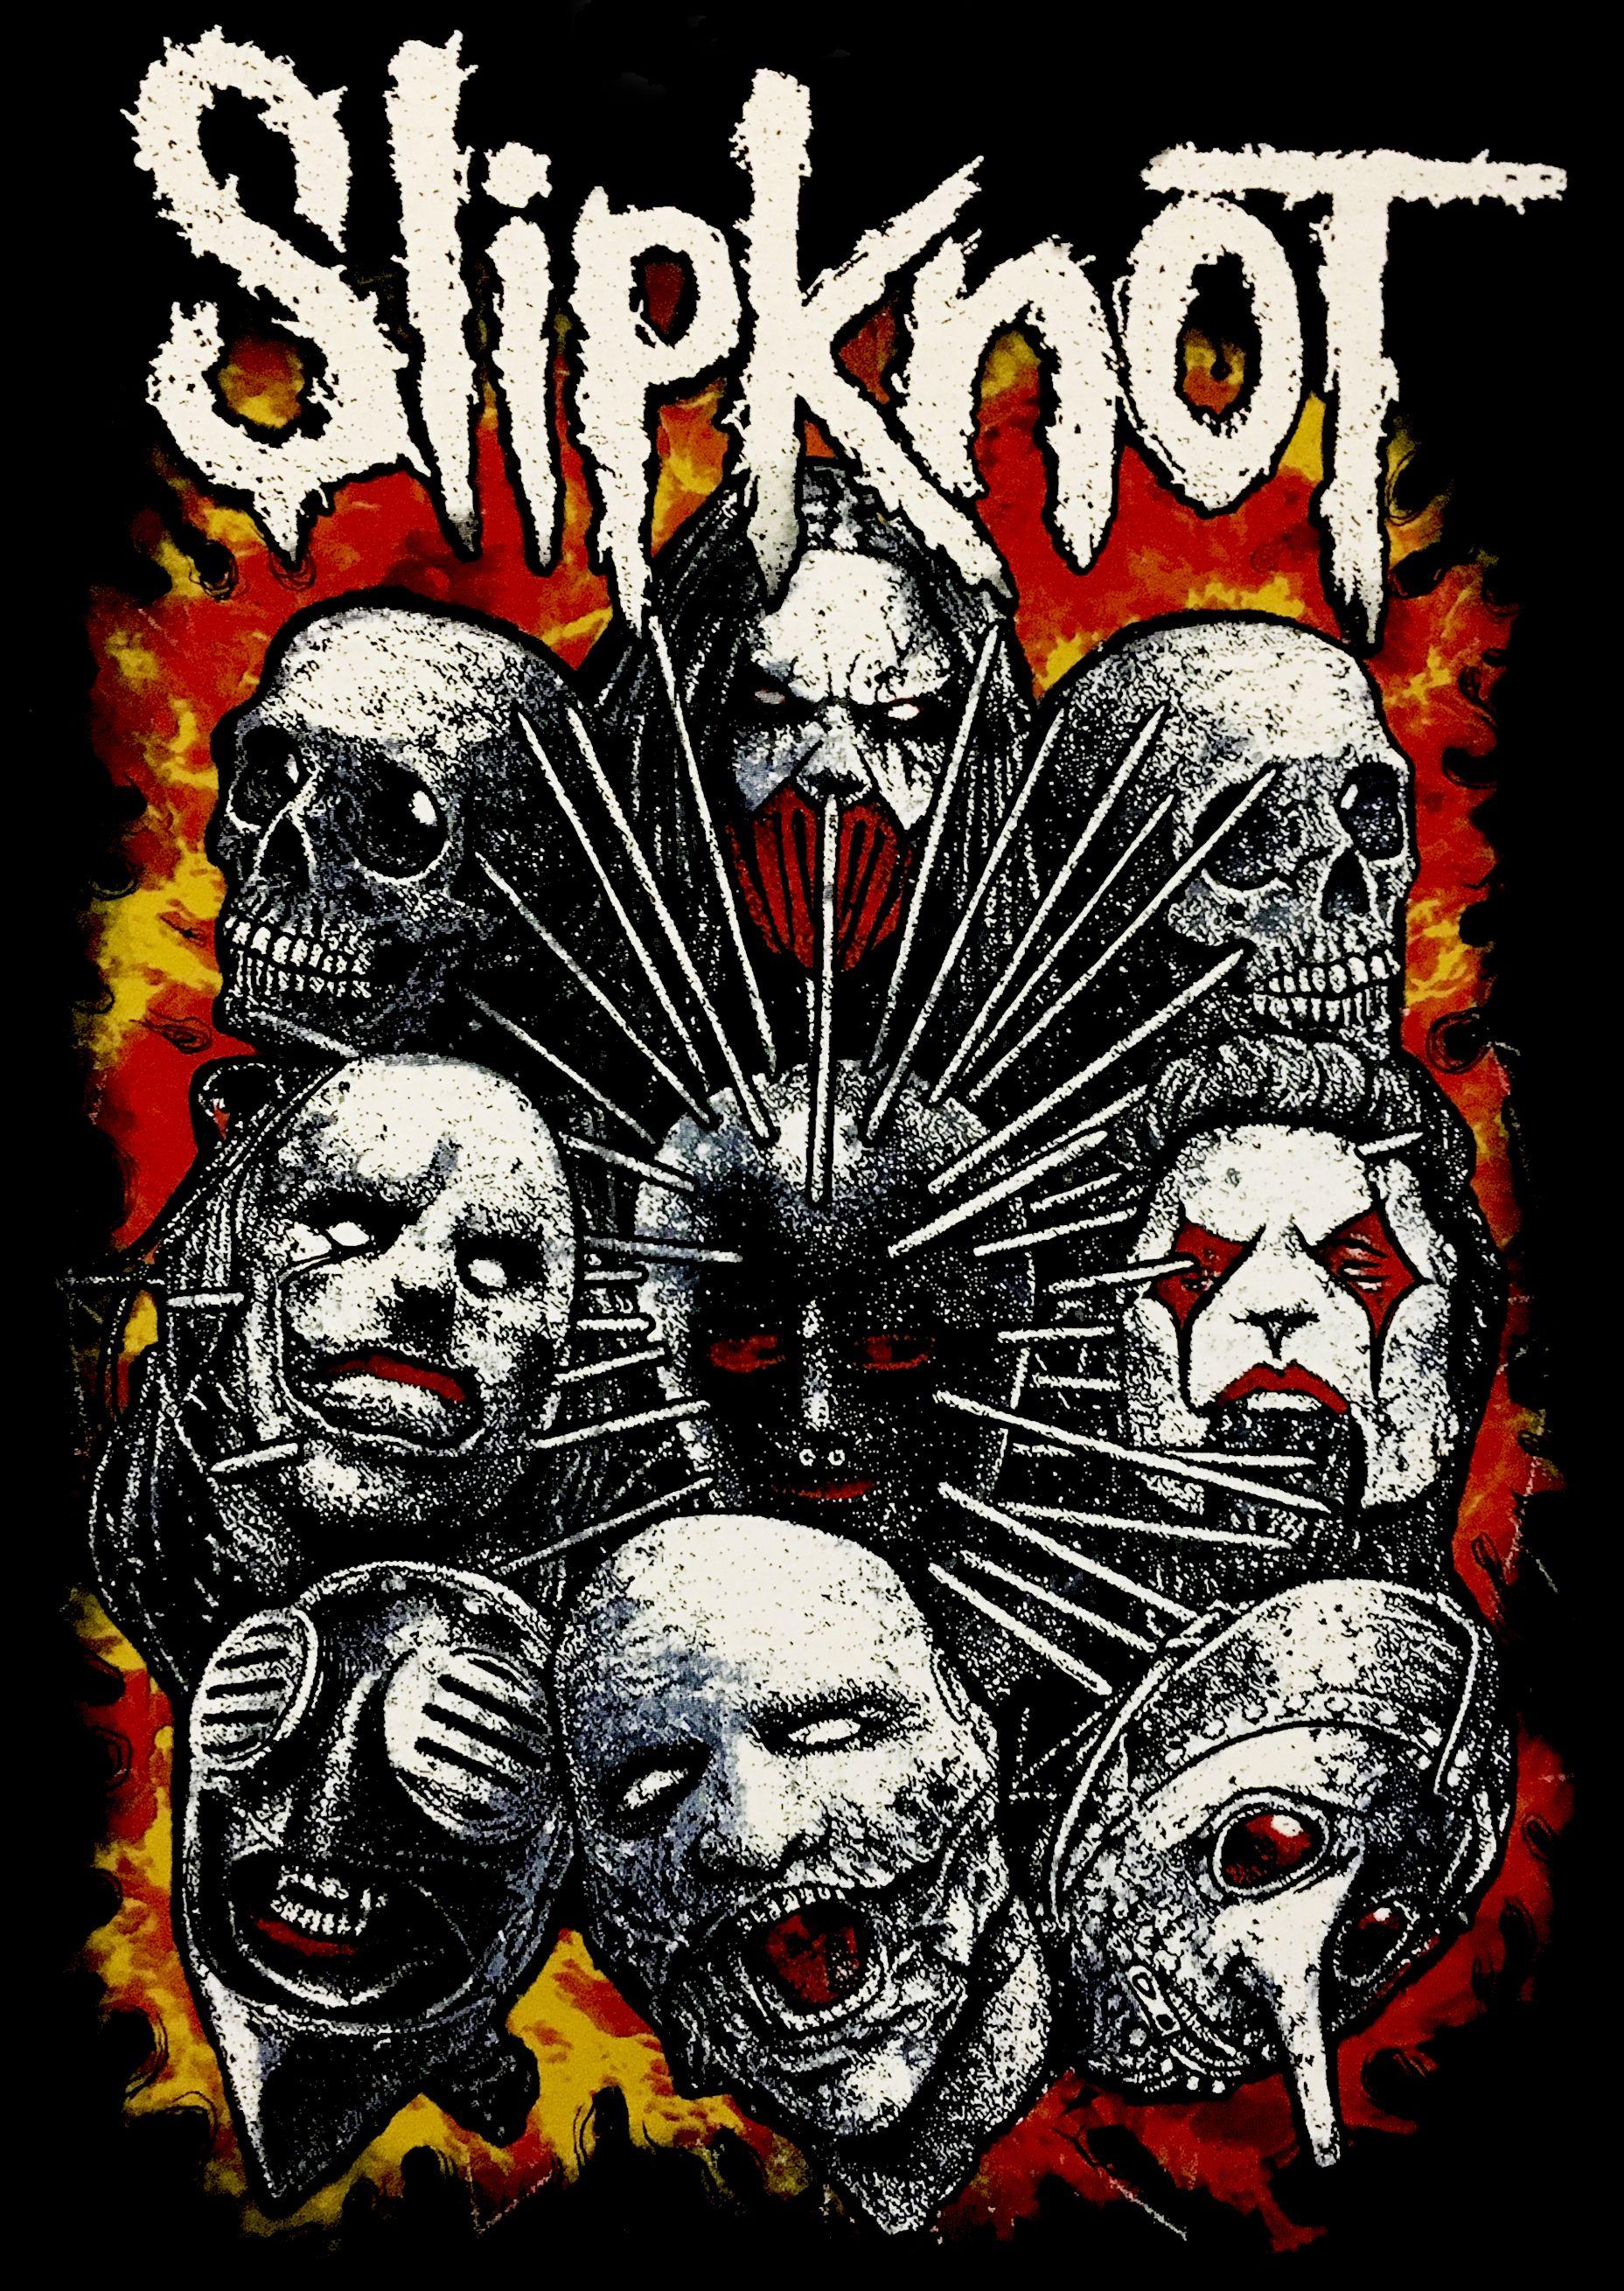 Slipknot Grafis, Gambar, Hiburan